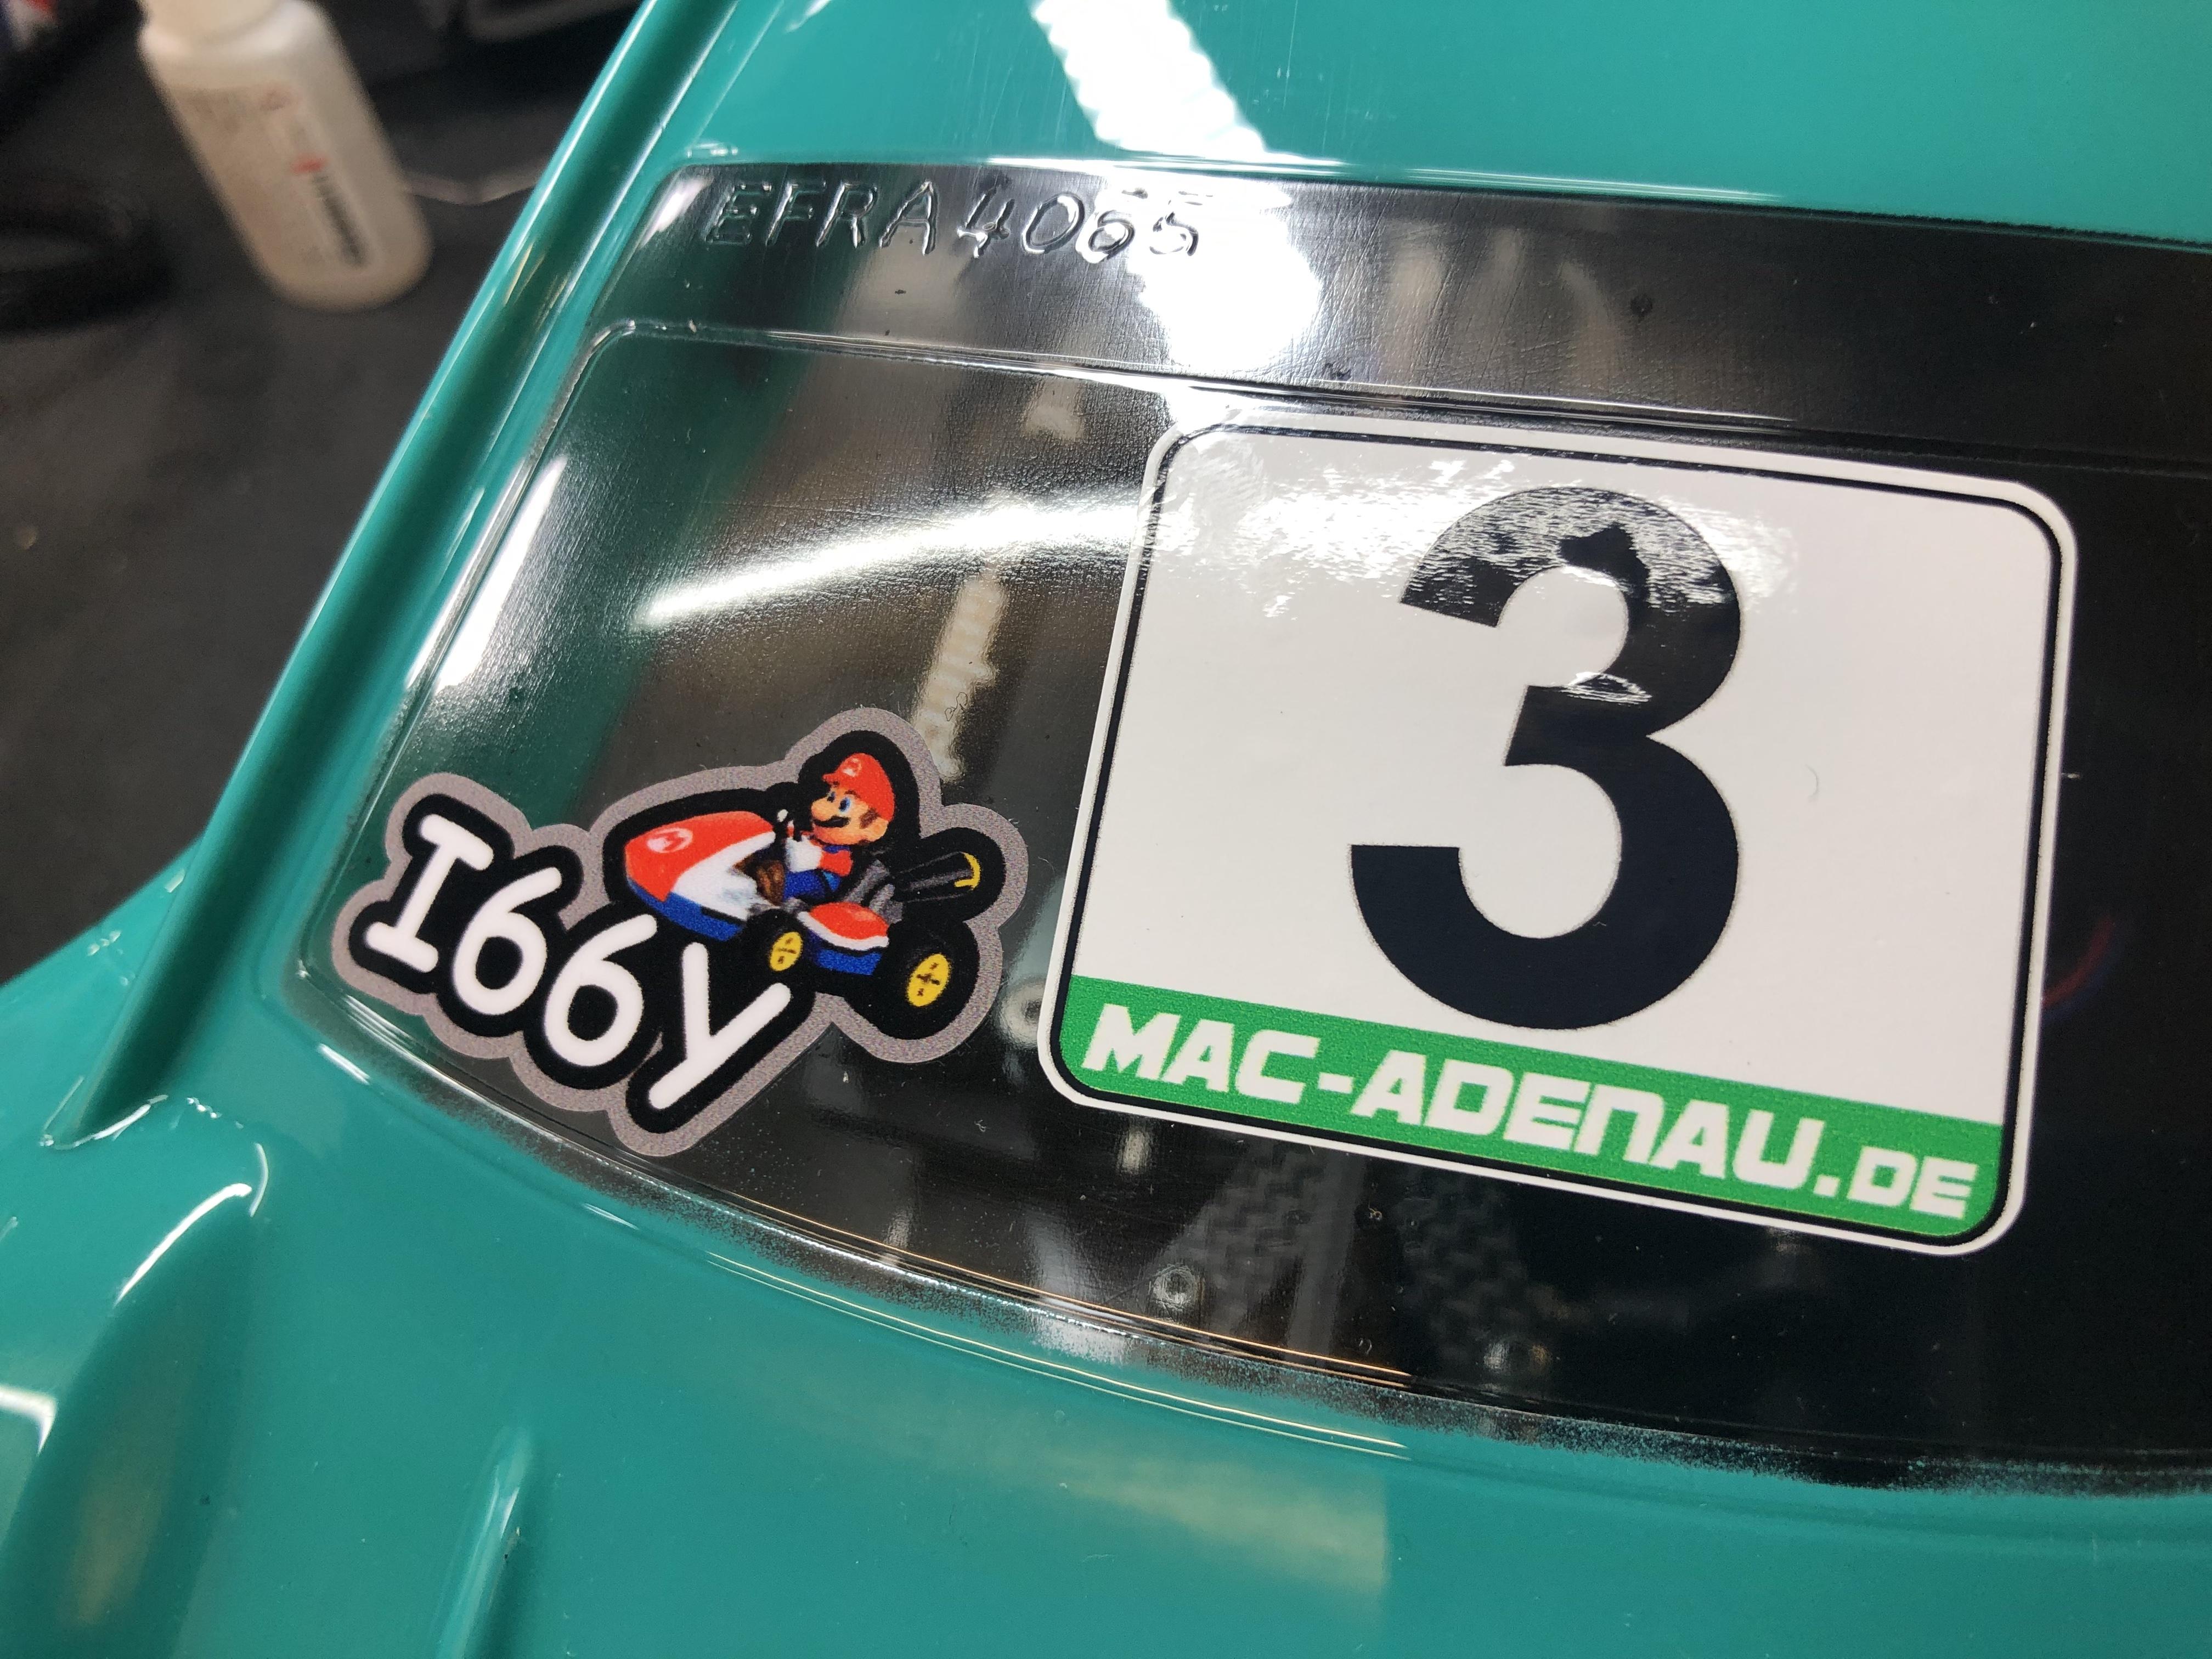 MAC Adenau TOS SMW UB 006